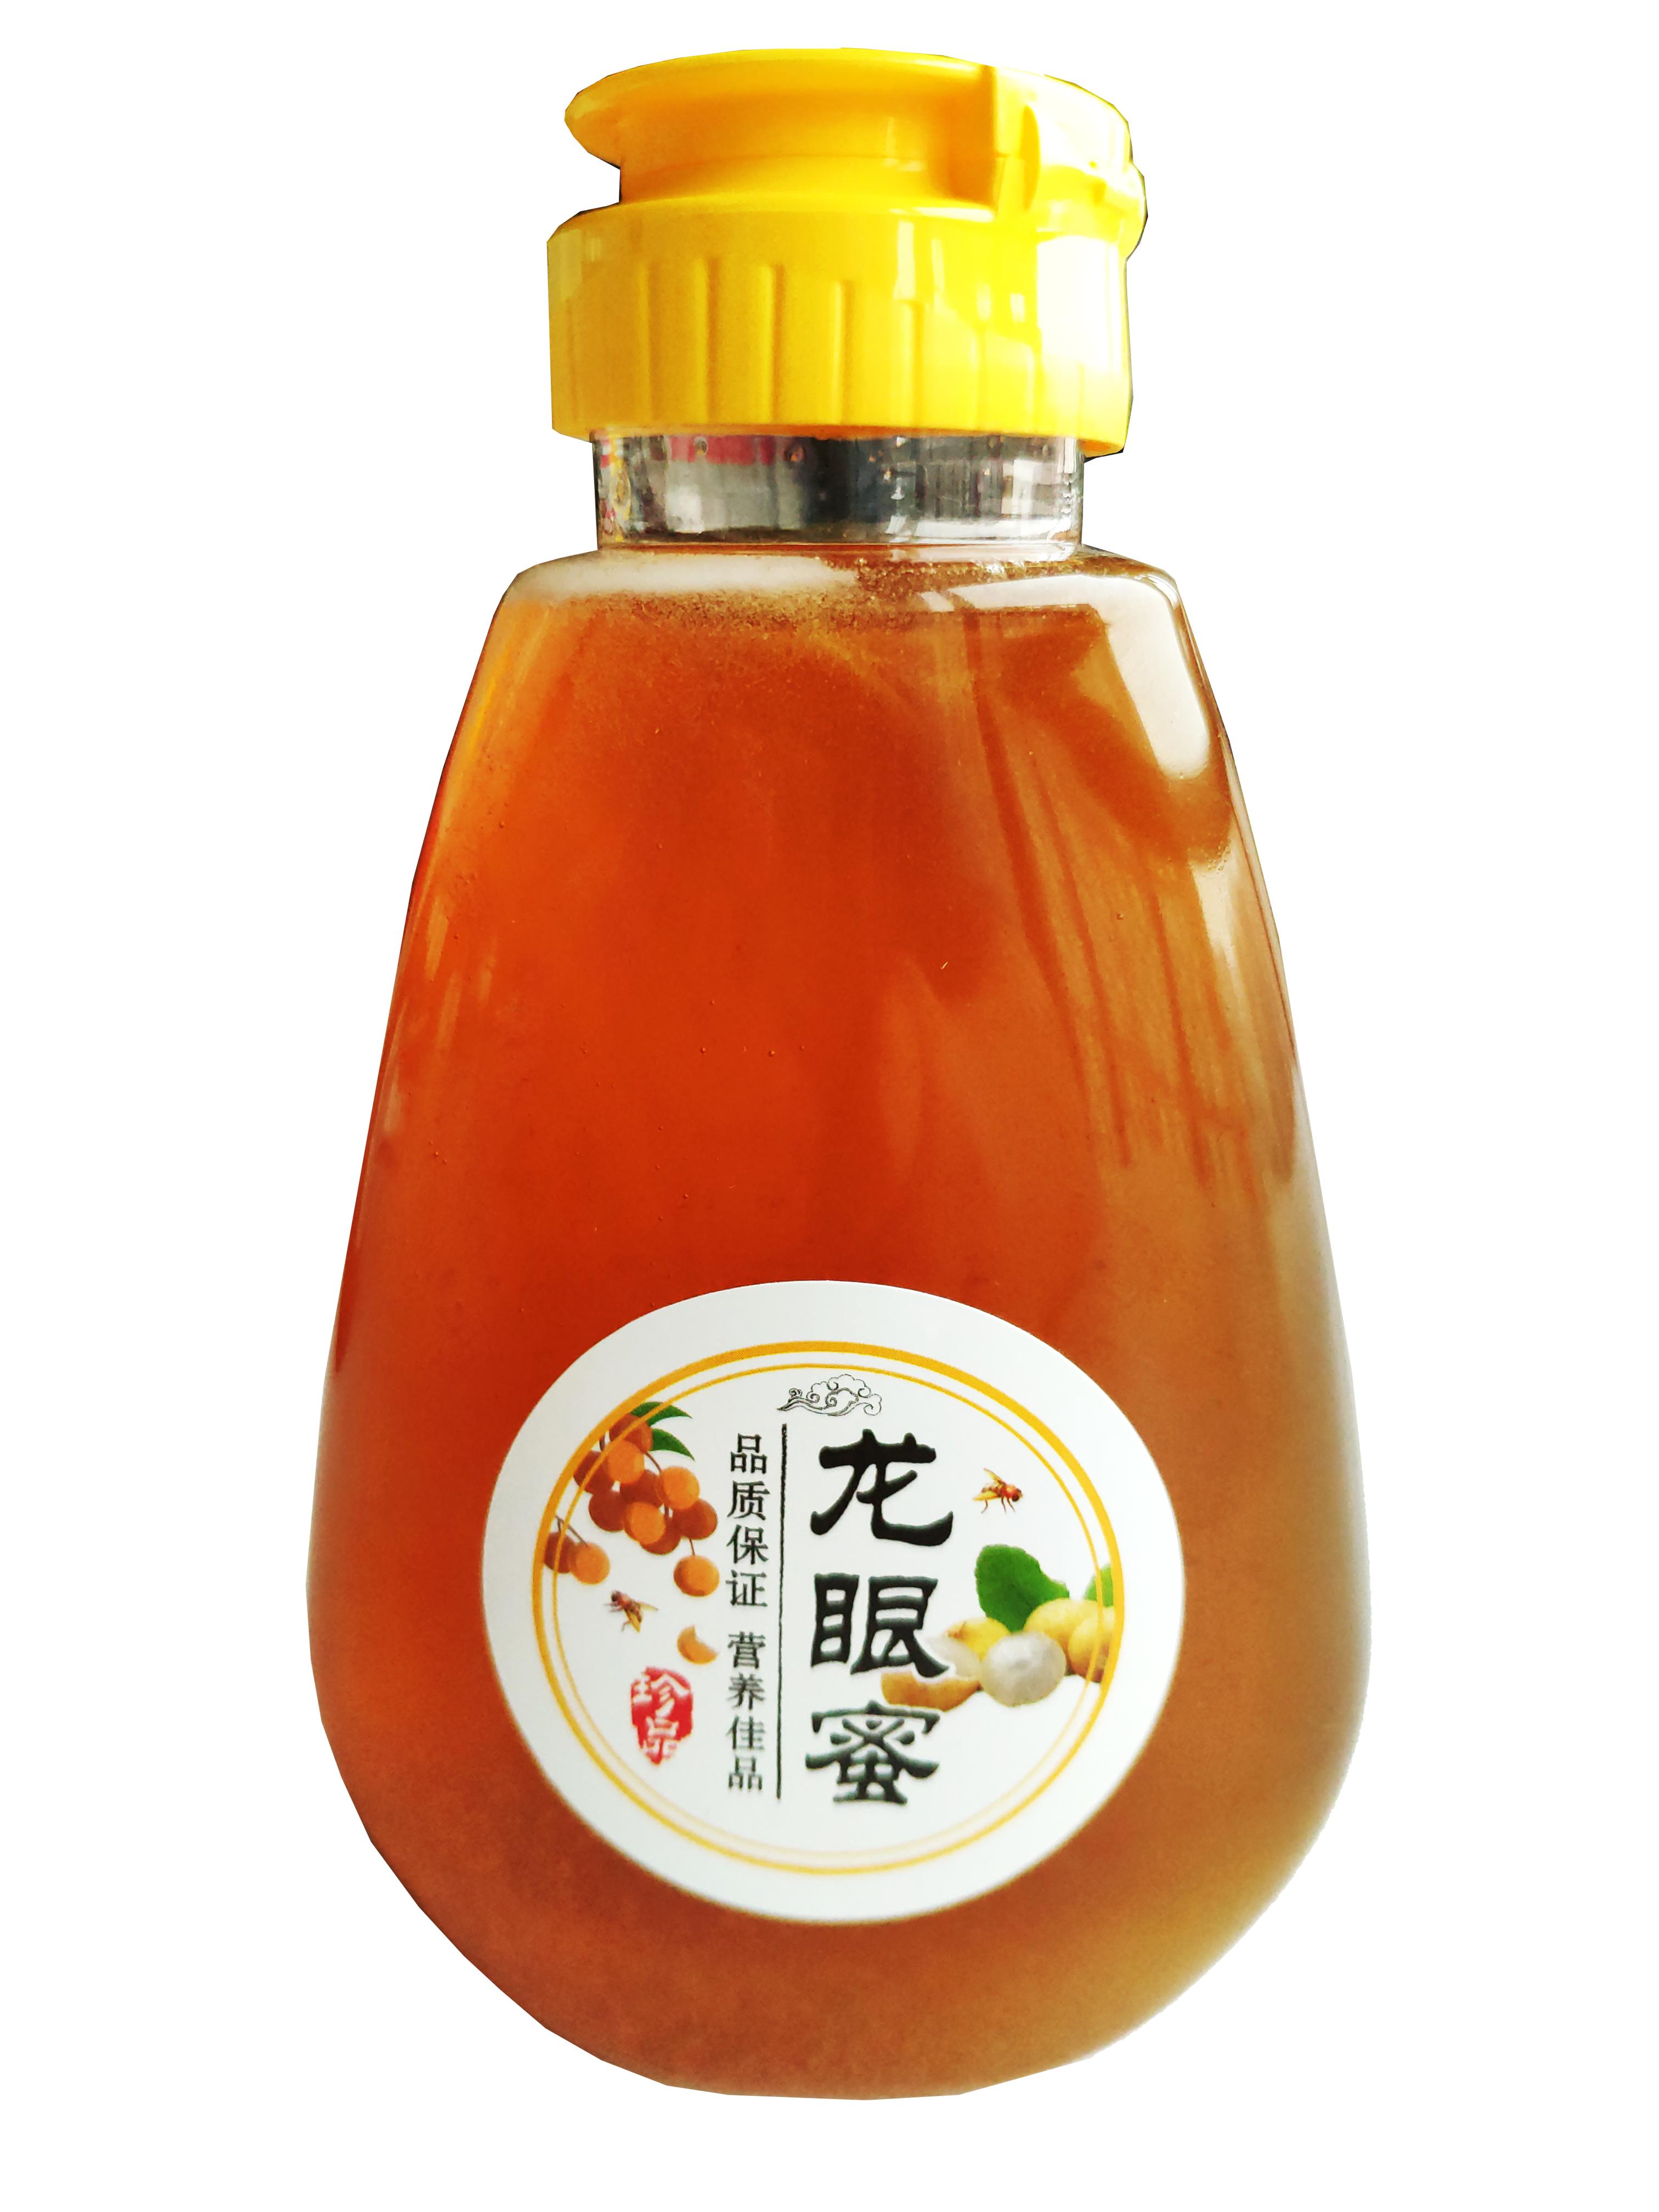 糖砖 纯正果园蜜土蜂蜜 龙眼蜜 荔枝蜜 枇杷蜜 果农自产 500克图片